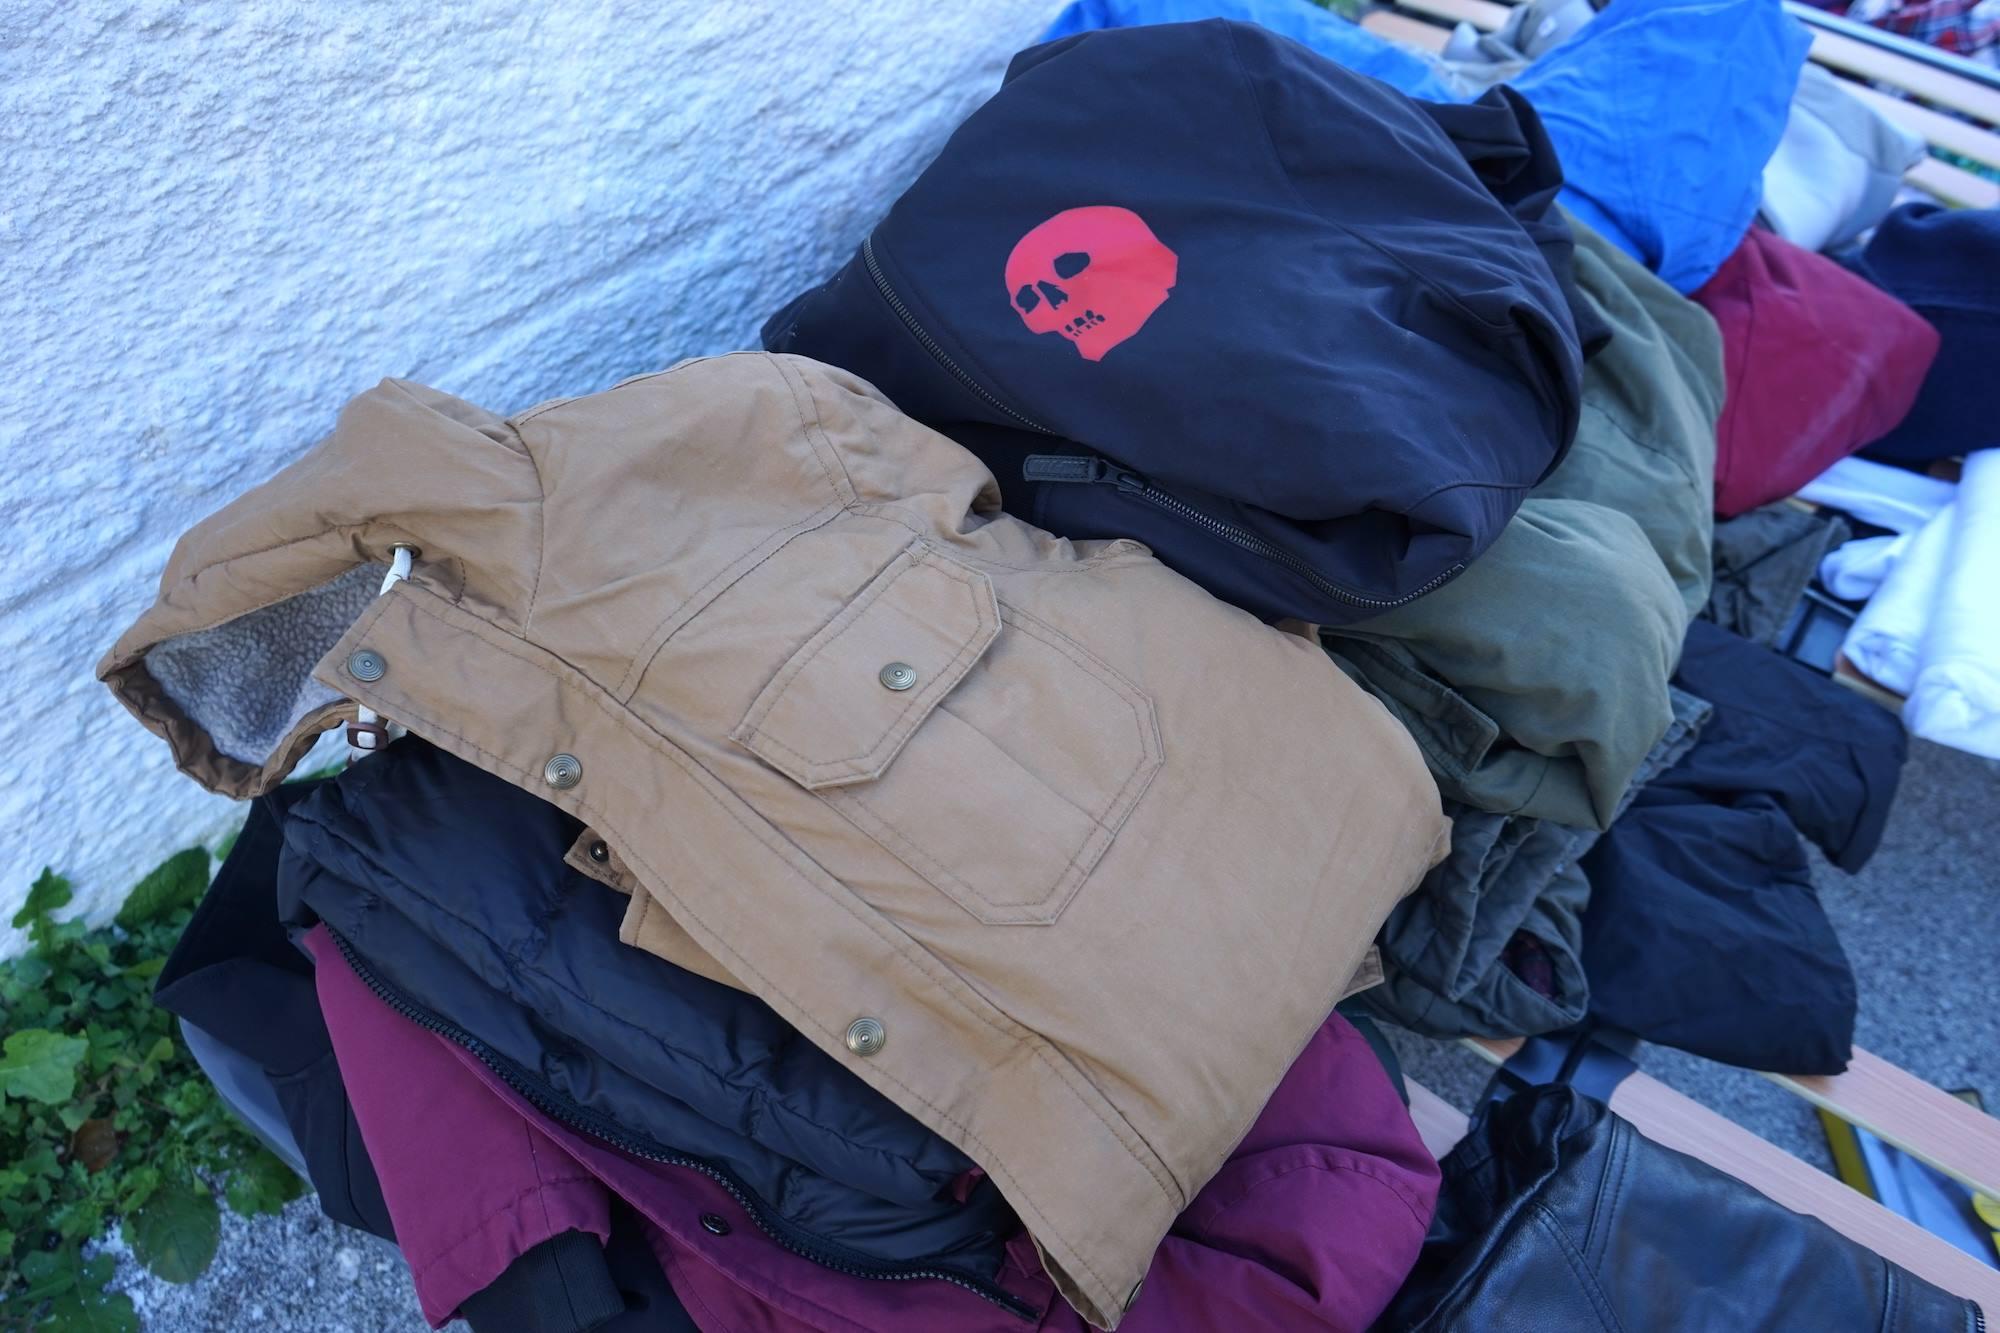 Rézolog, expert de la logistique dans la région d'Annecy, aide l'association Riders for Refugees à transporter les vêtements chauds collectés.